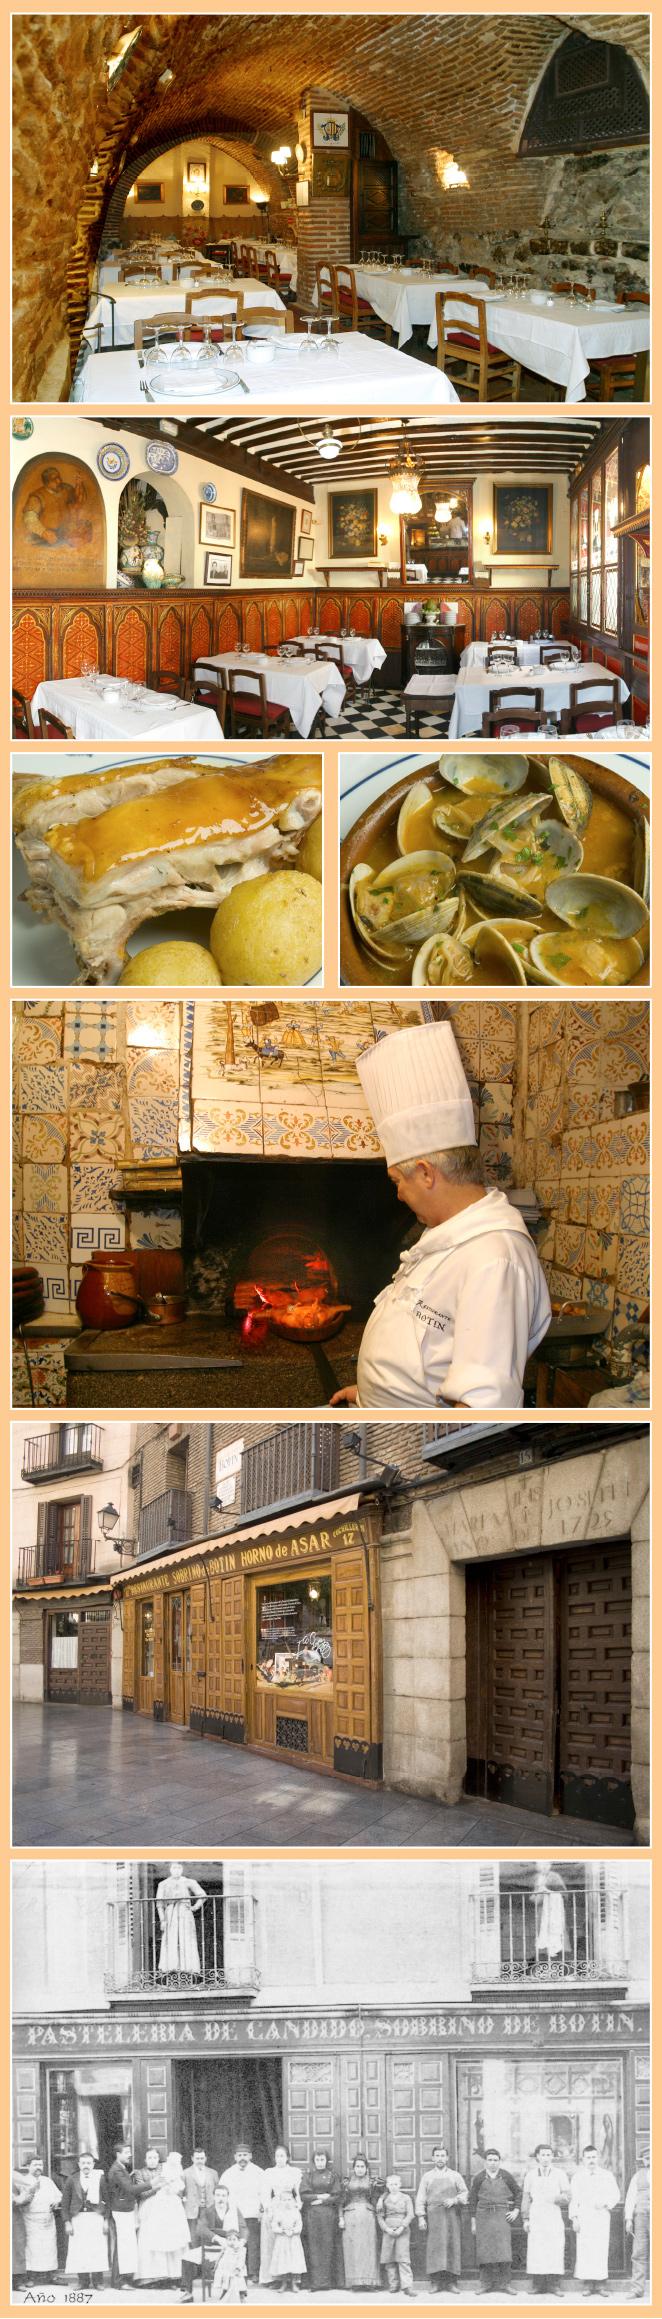 Casa Botín, fundada en 1725, es el restaurante más antiguo del mundo según el Libro Guinness de los Records